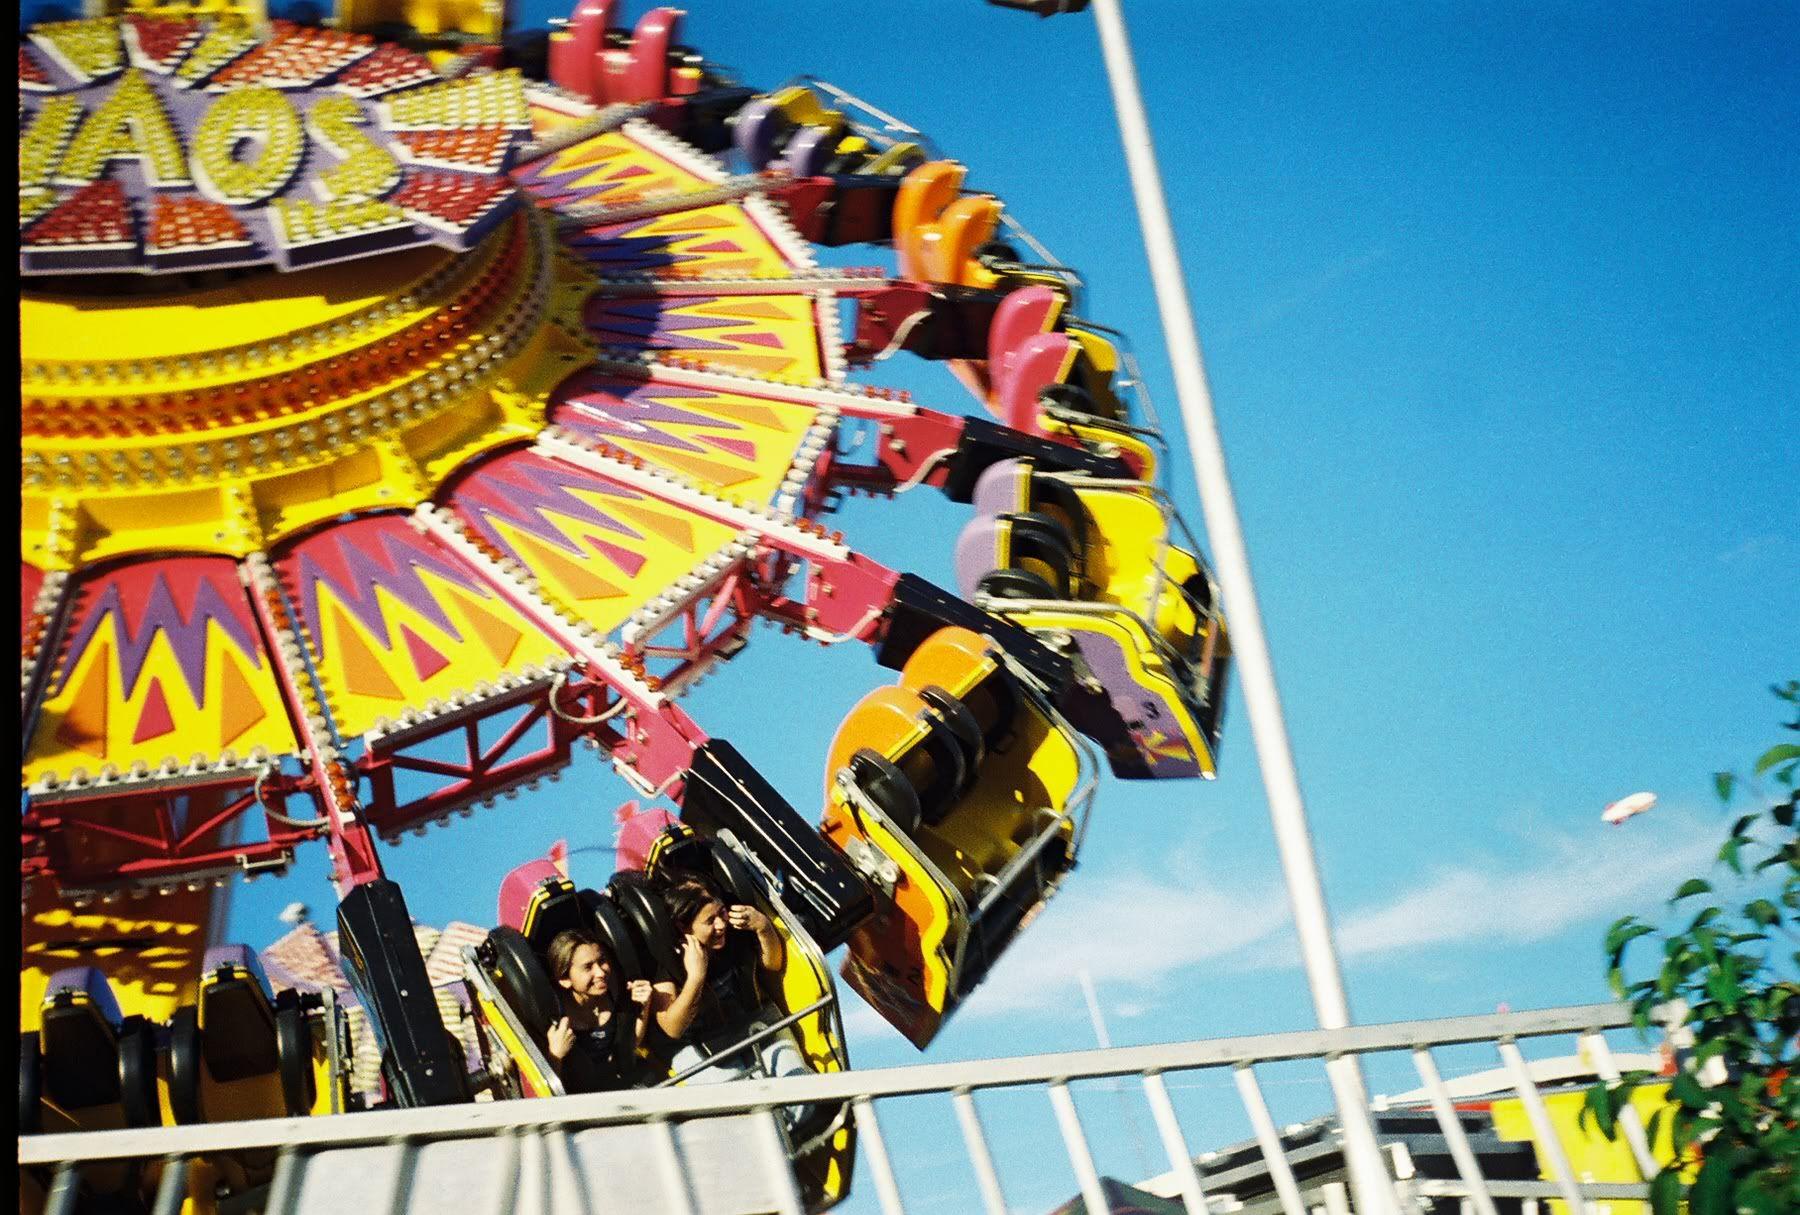 Az state fair ride fair rides carnival rides amusement